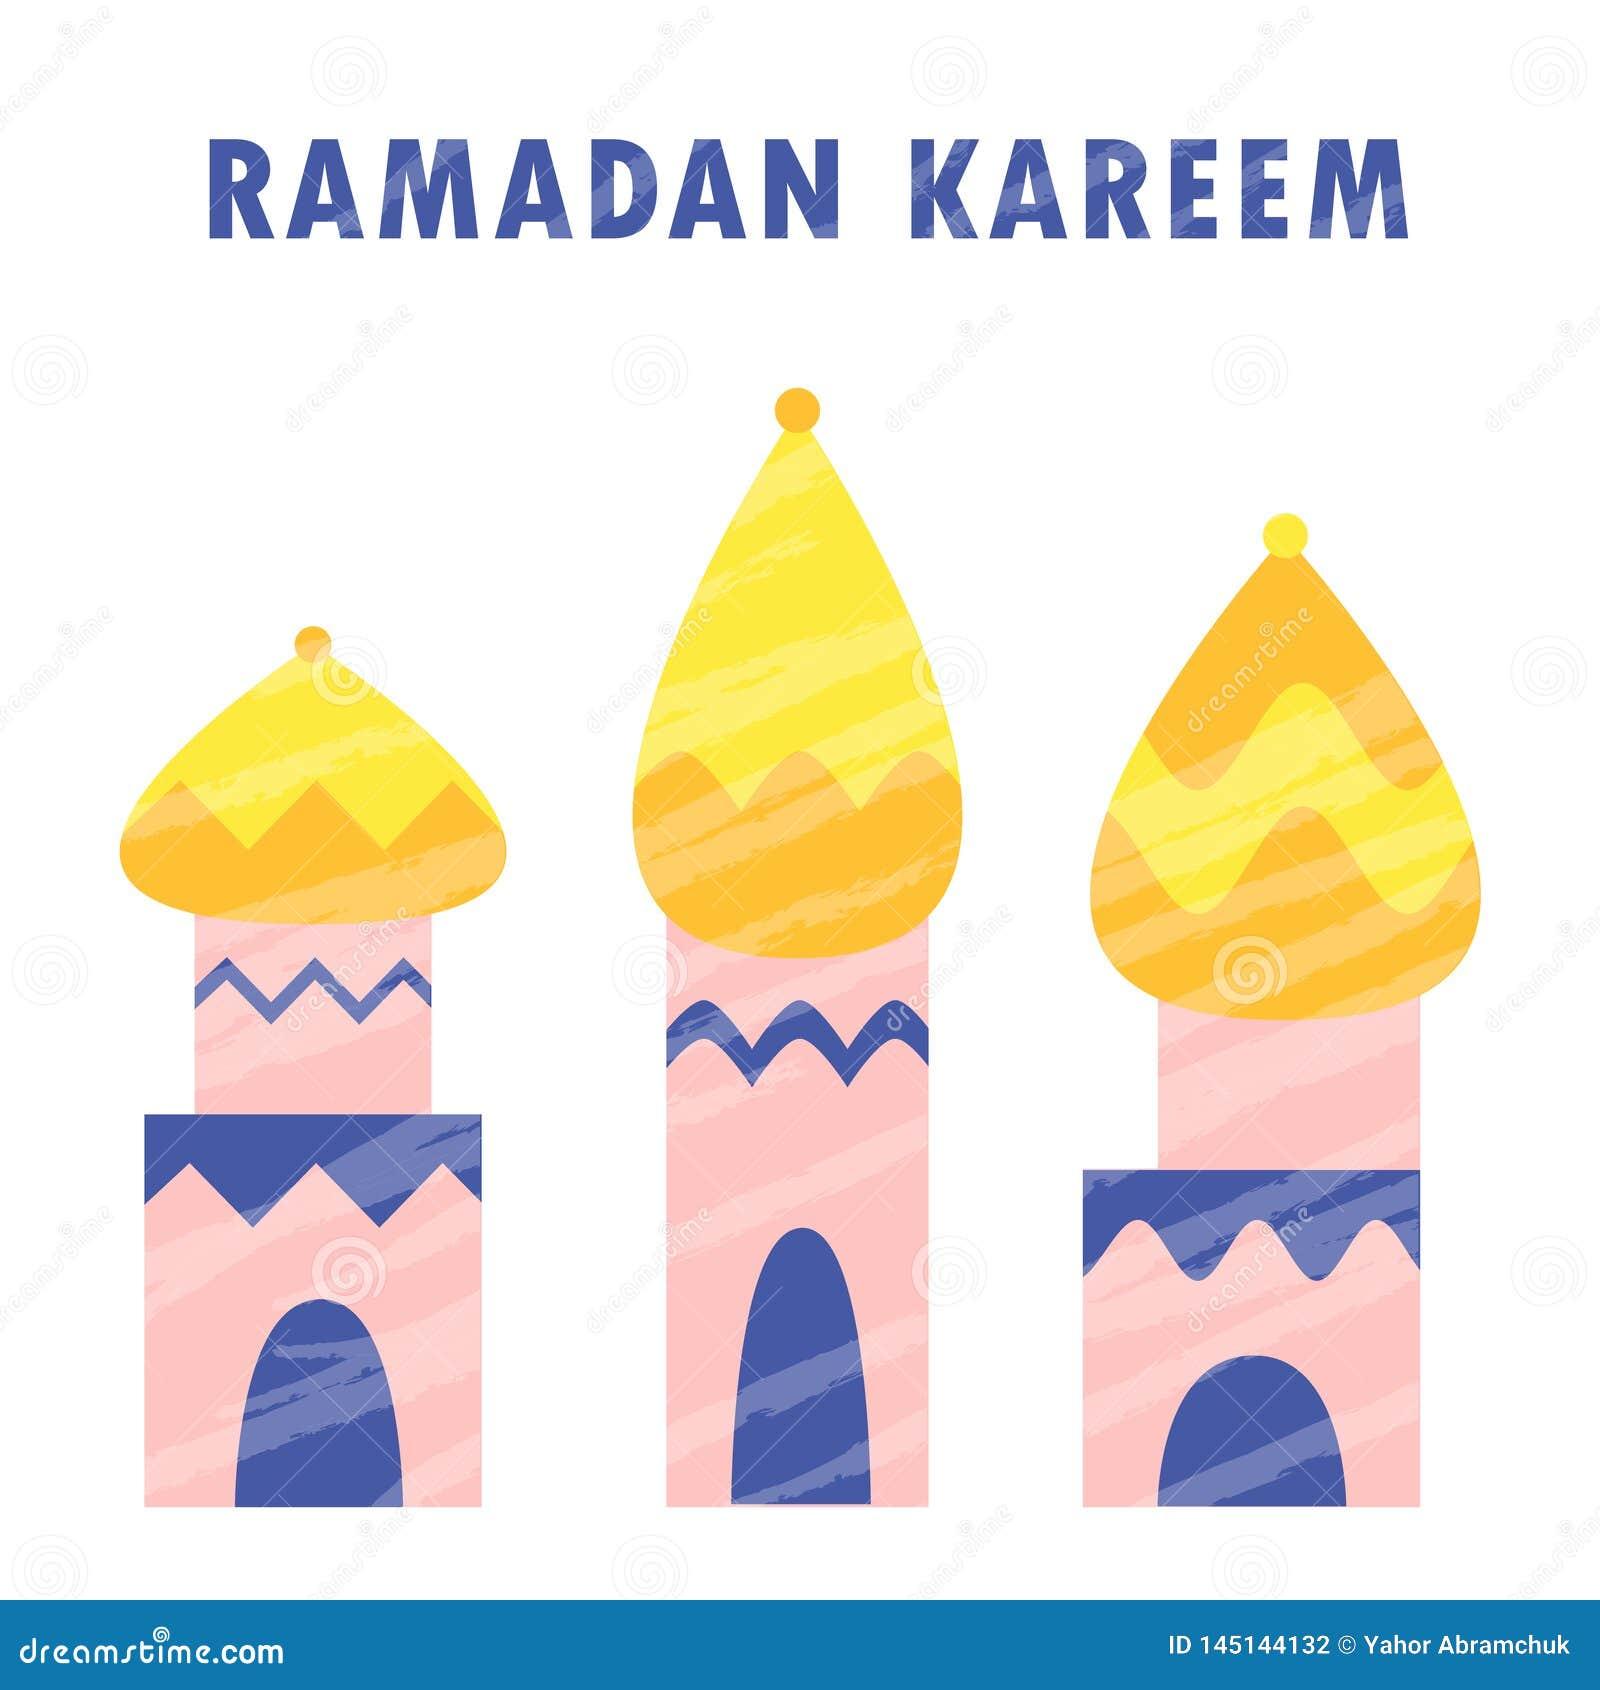 Islam van de Ramadan kareem moskee moslimgodsdienst Arabische viering Mubarak